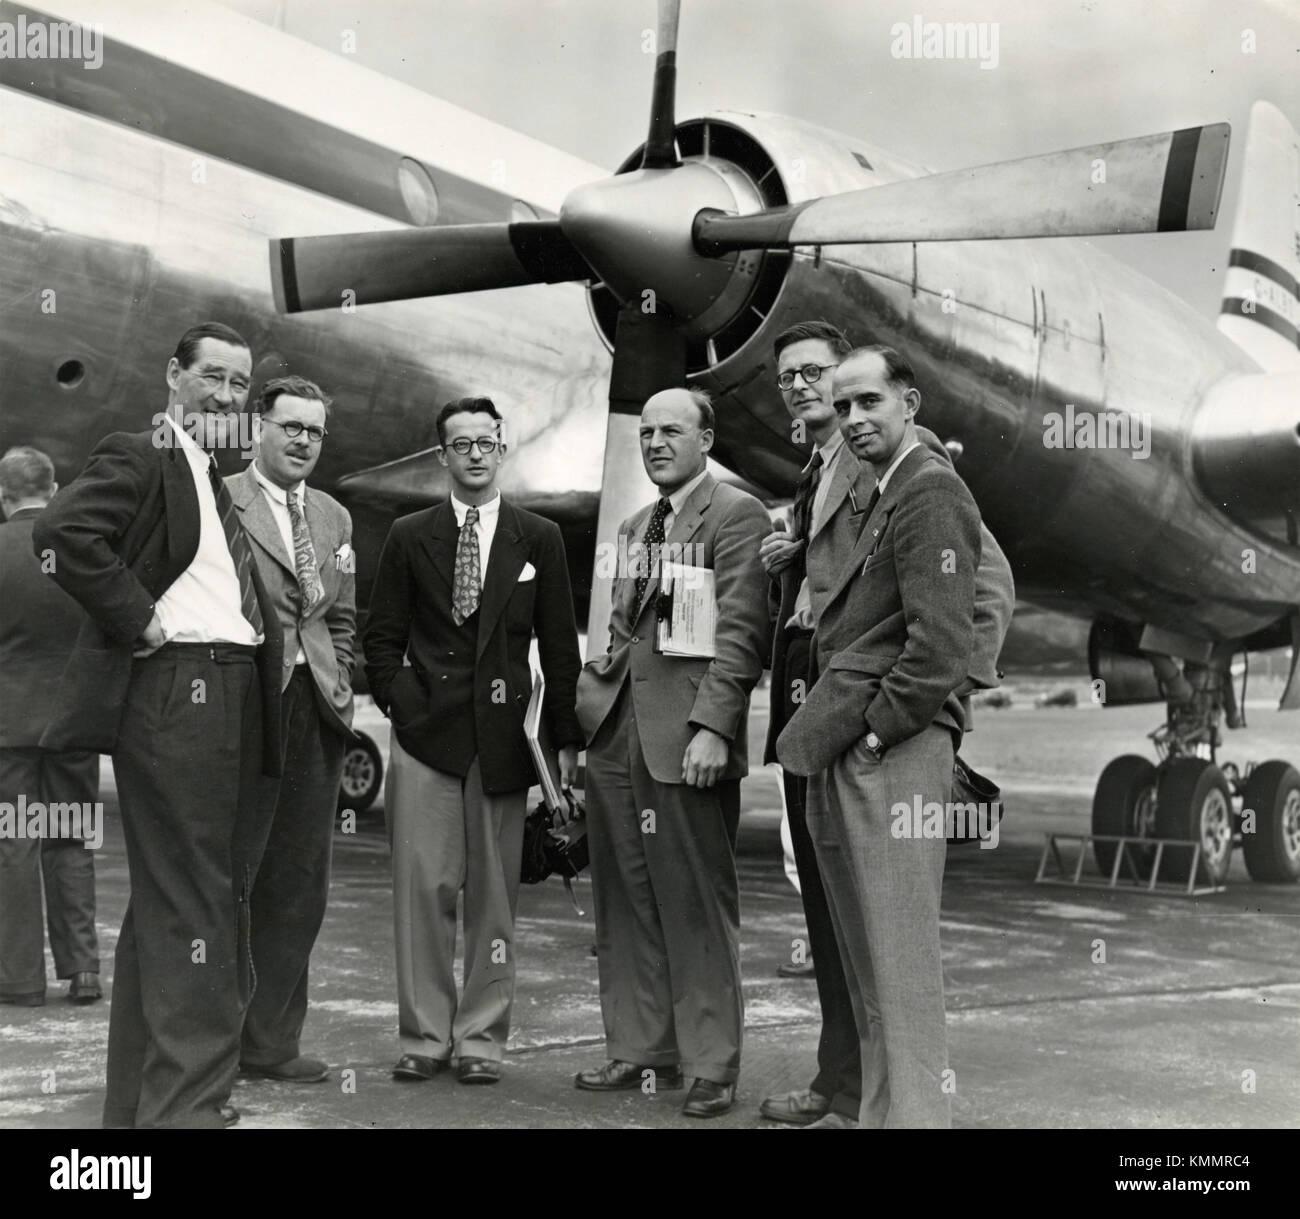 Gruppo di uomini sul runaway vicino agli aeromobili, Regno Unito degli anni cinquanta Immagini Stock